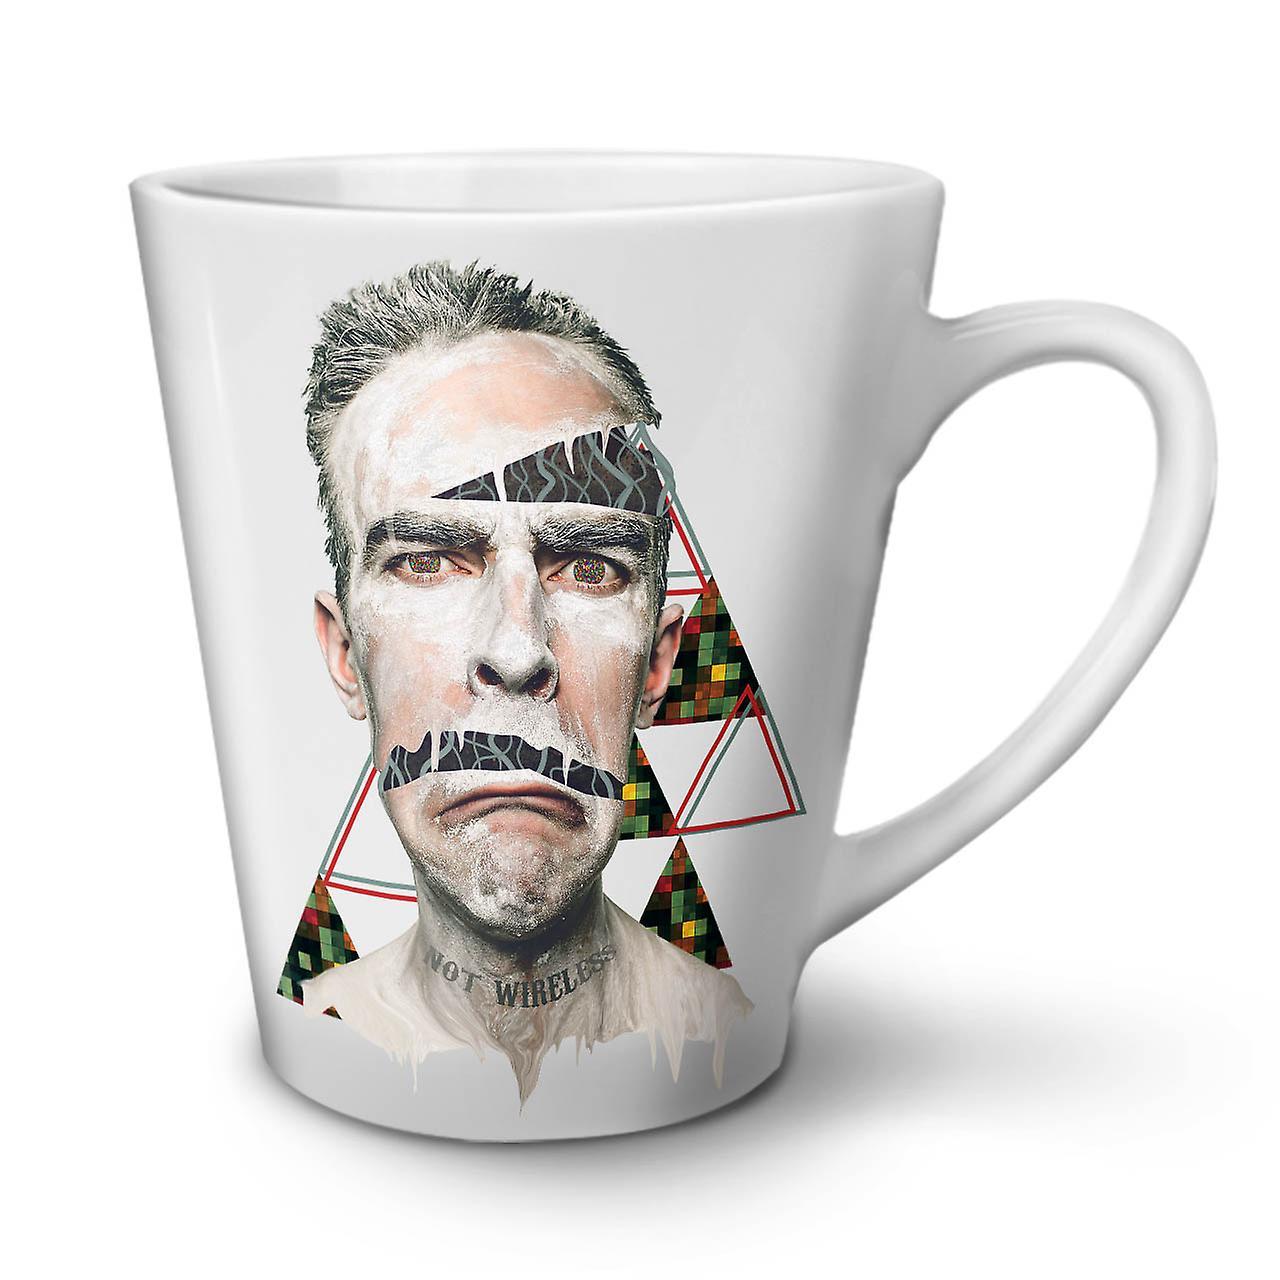 À 12 Nouvelle Impression Face Blanche De Tasse En OzWellcoda Céramique Forme Motif Café Latte c5uK3TF1Jl